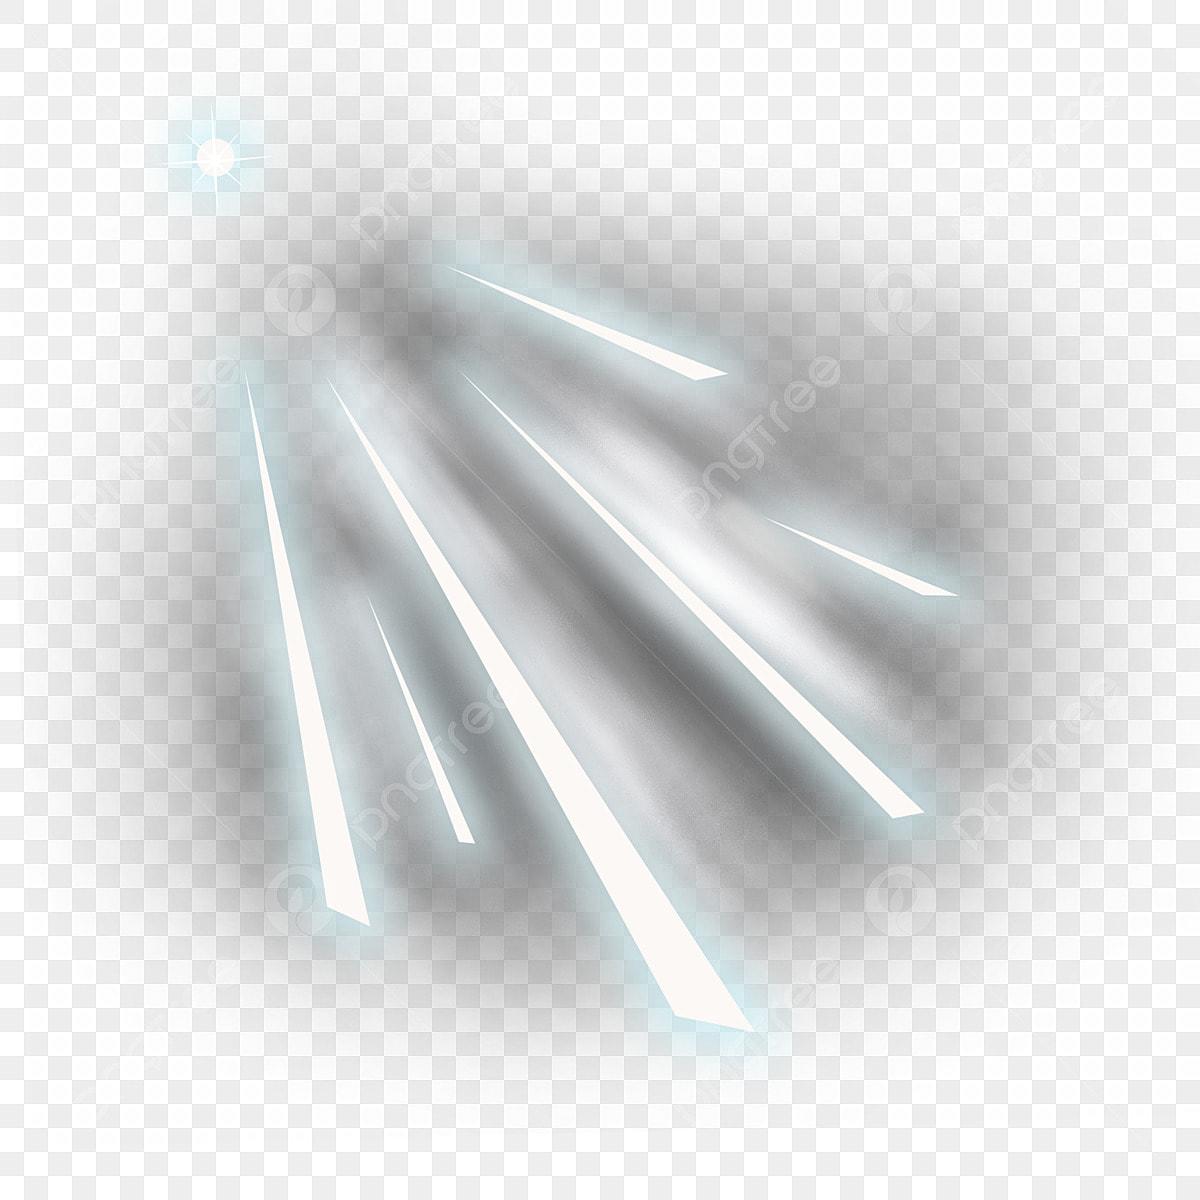 دينغدال ضوء سرعة الضوء تأثير الحبوب أبيض أزرق فاتح, تأثير